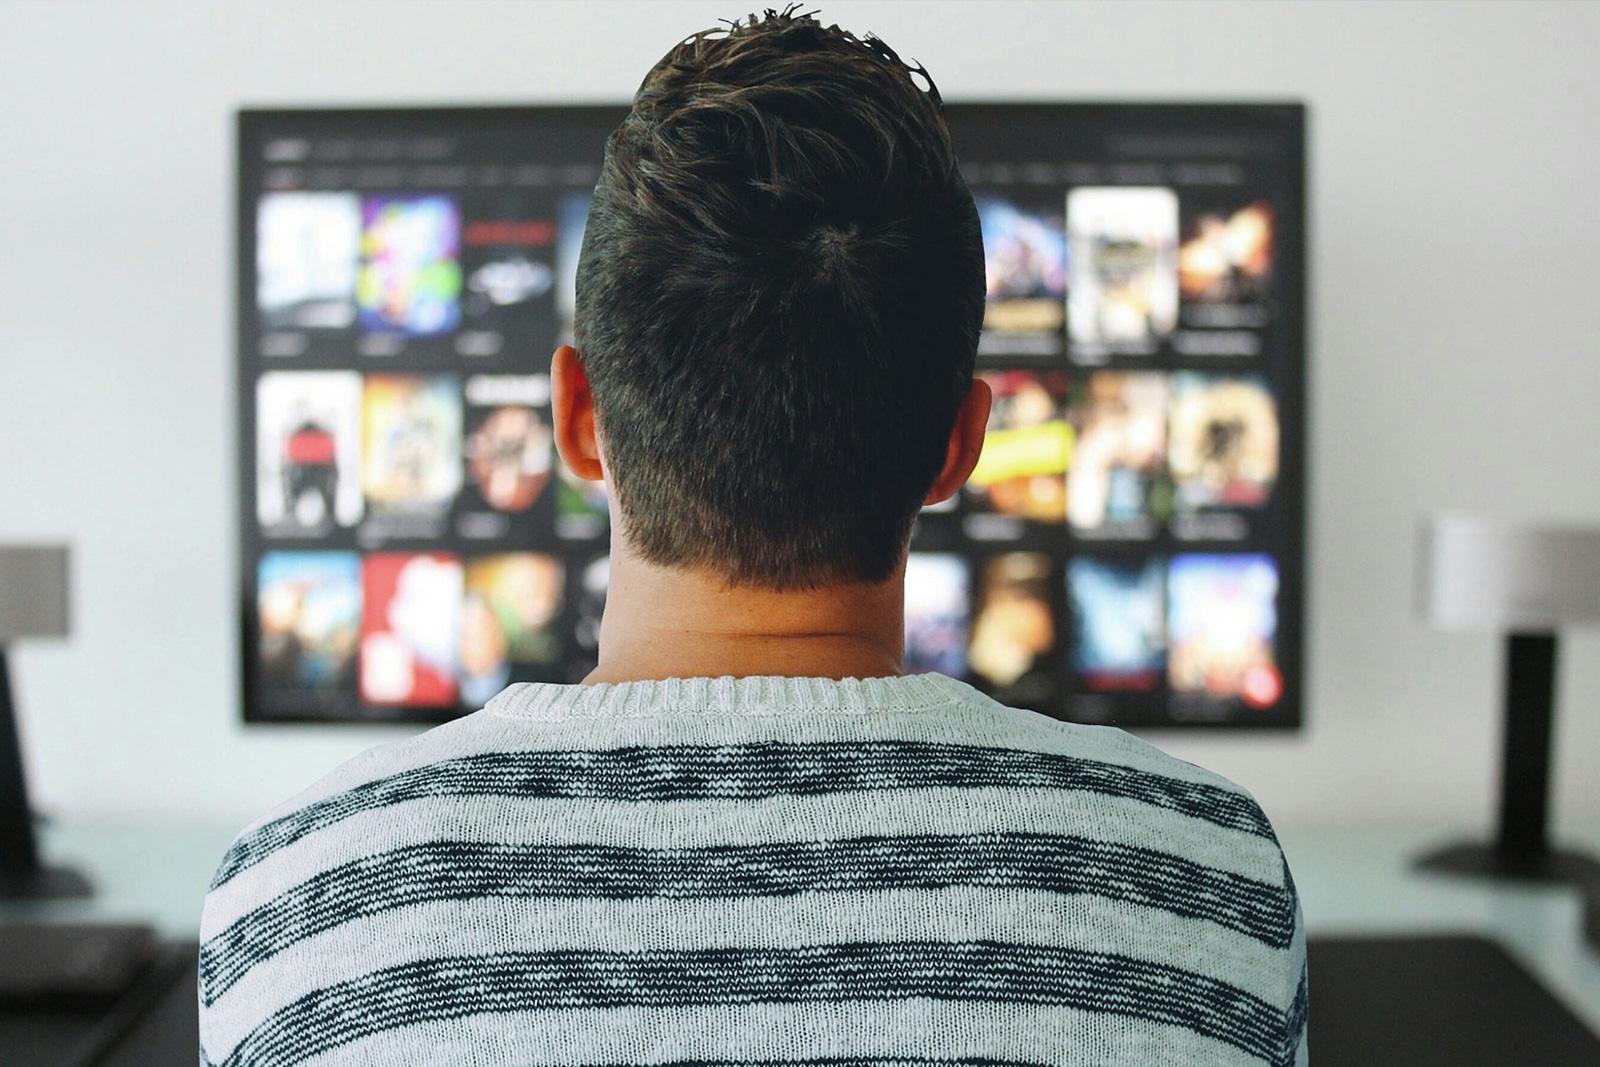 Comment Netflix, Spotify et Deezer gèrent vos données personnelles ?